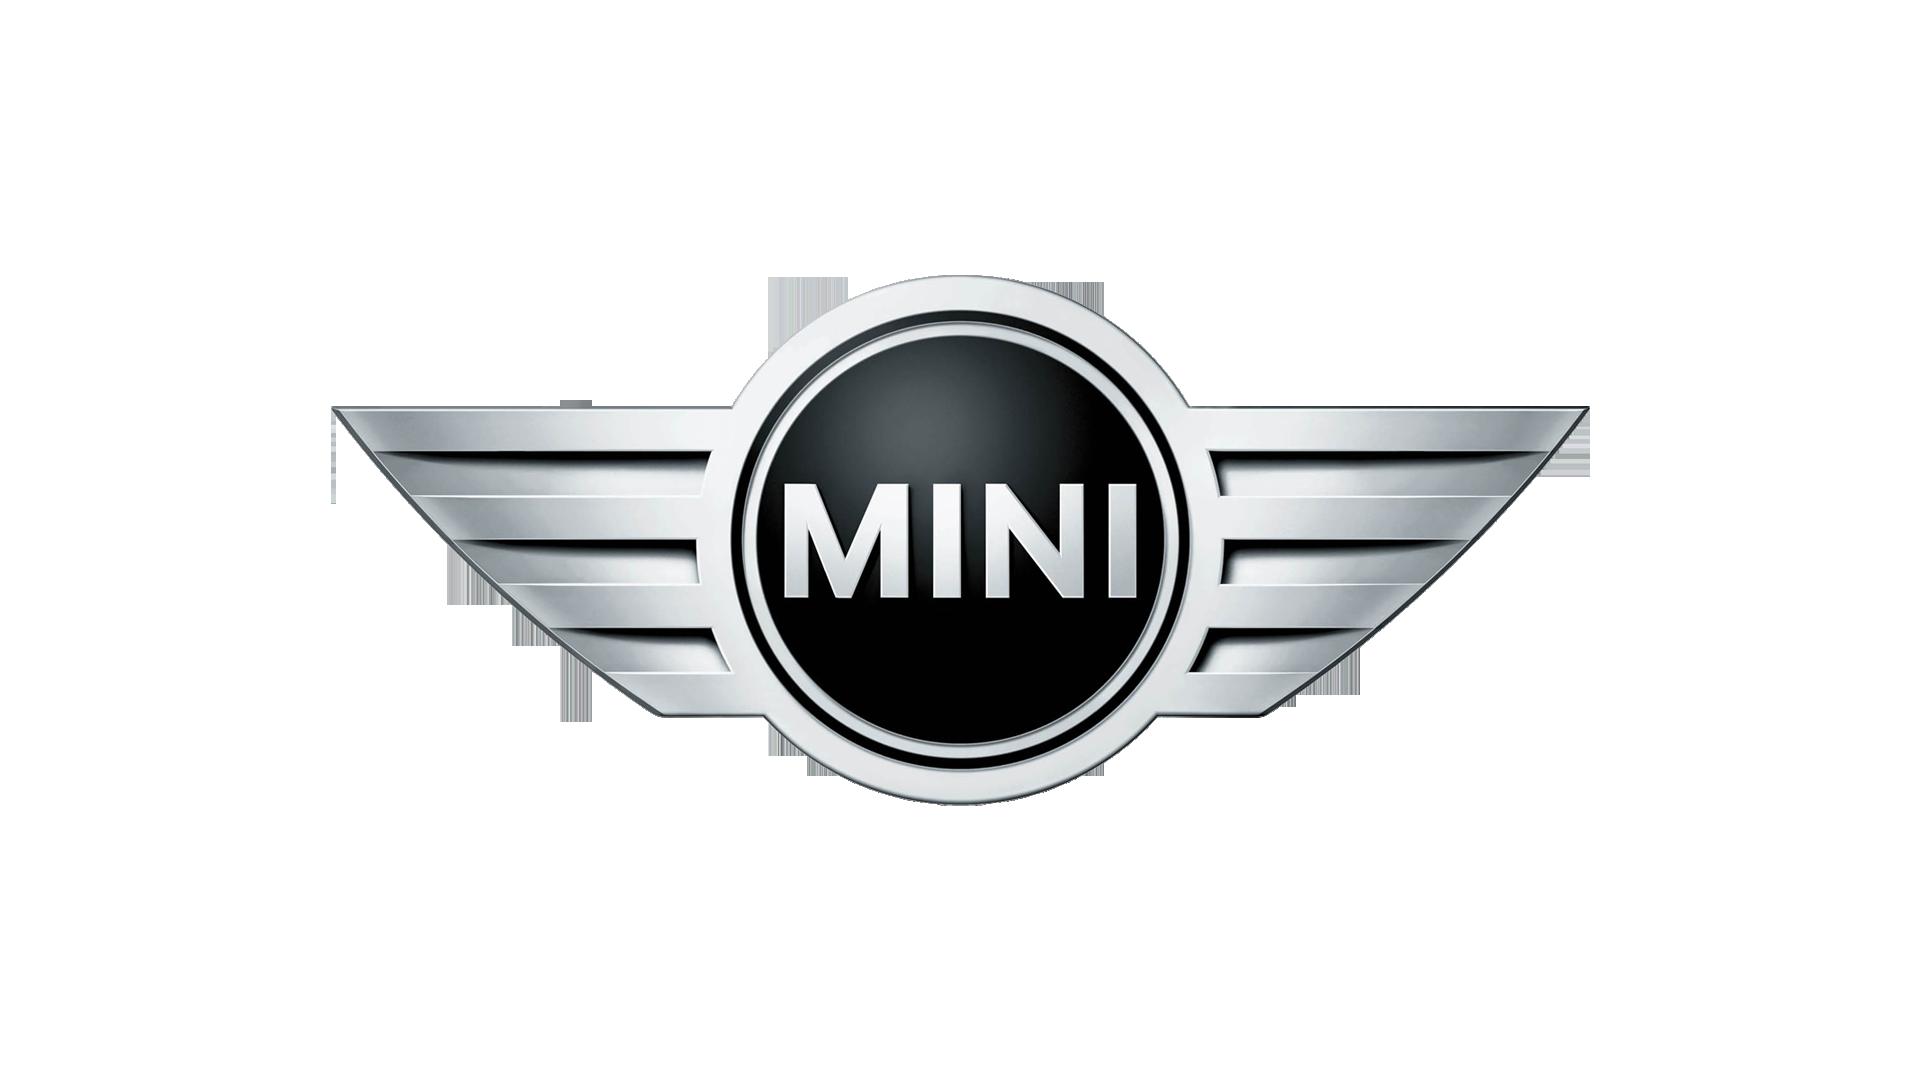 Mini Logo 2001 Present 1920x1080 Hd Png Logotipos De Marcas De Coches Logos De Coches Insignias De Coches